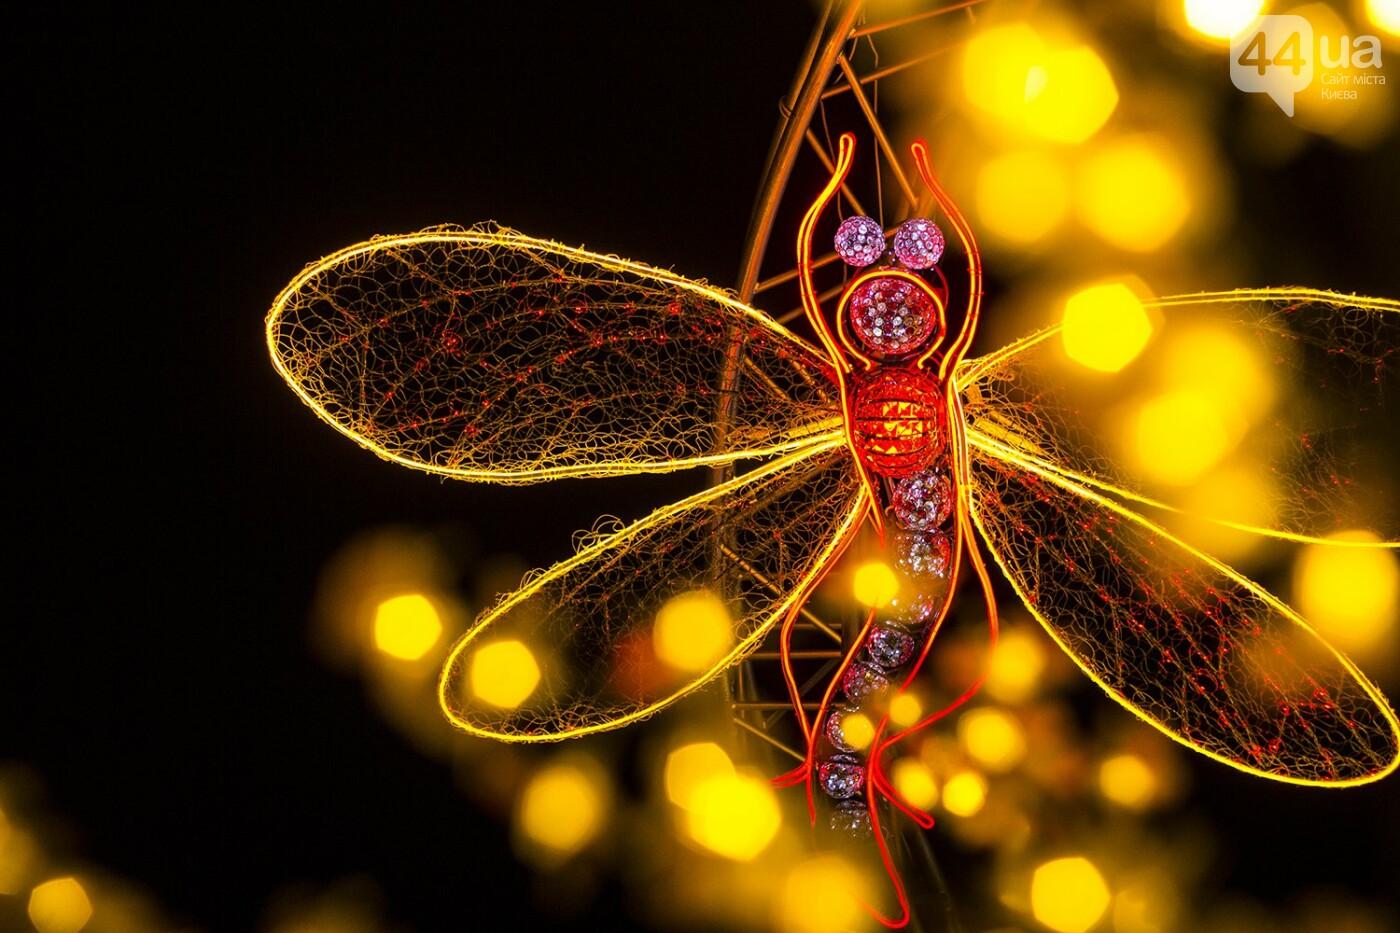 Пасхальная иллюминация: как выглядит фестиваль писанок ночью, фото-2